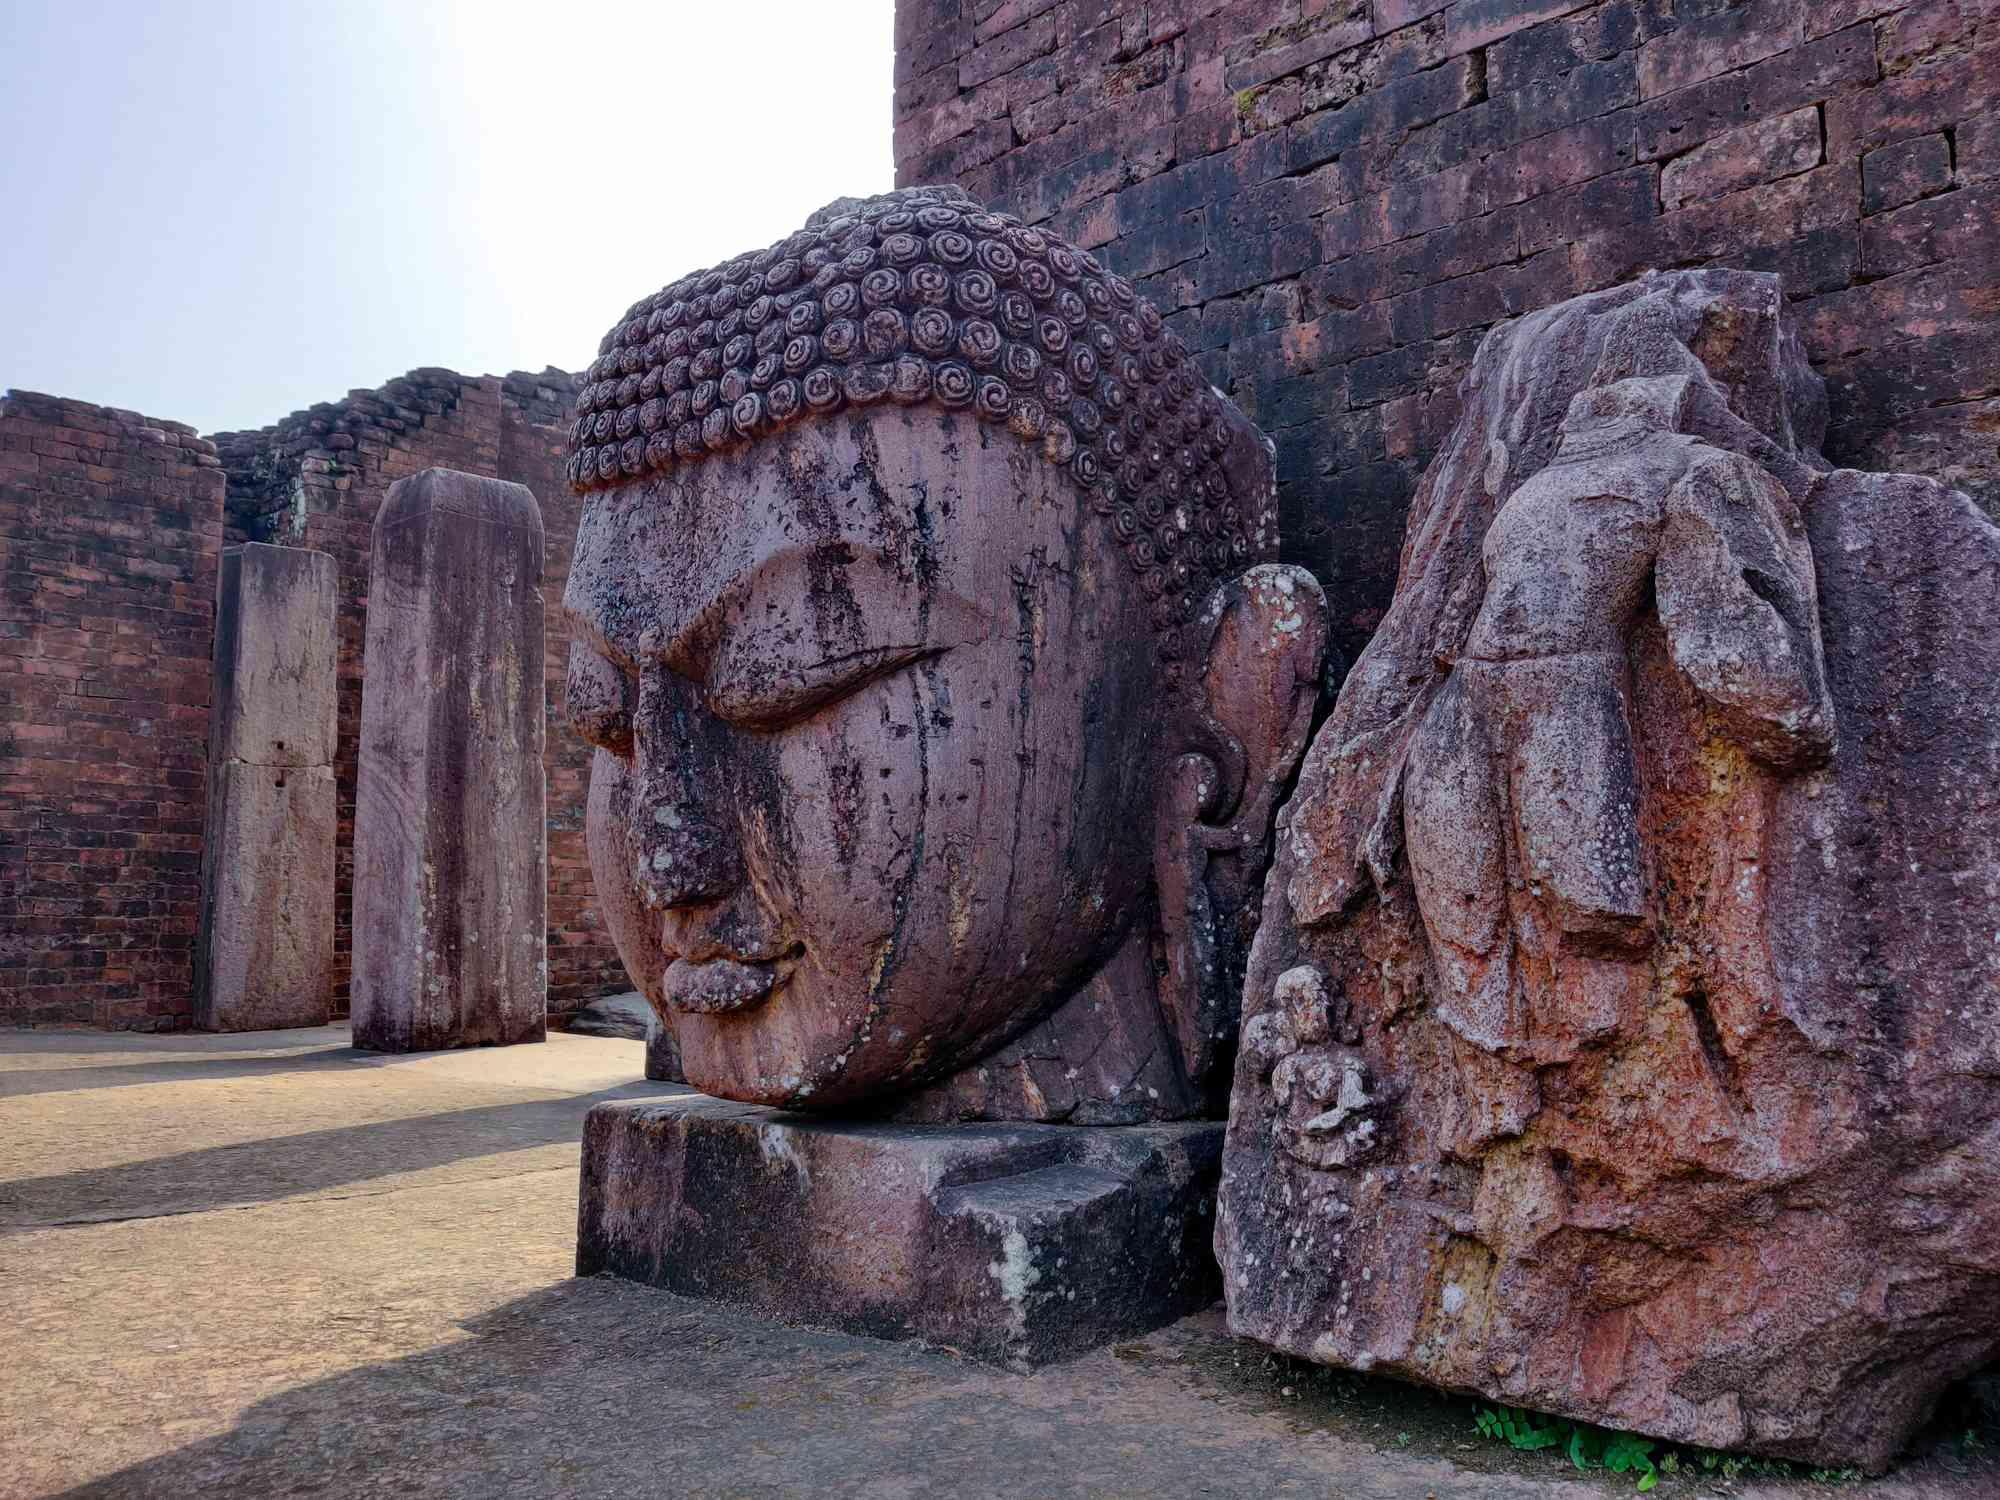 Ratnagiri in Jajpur district of Odisha.